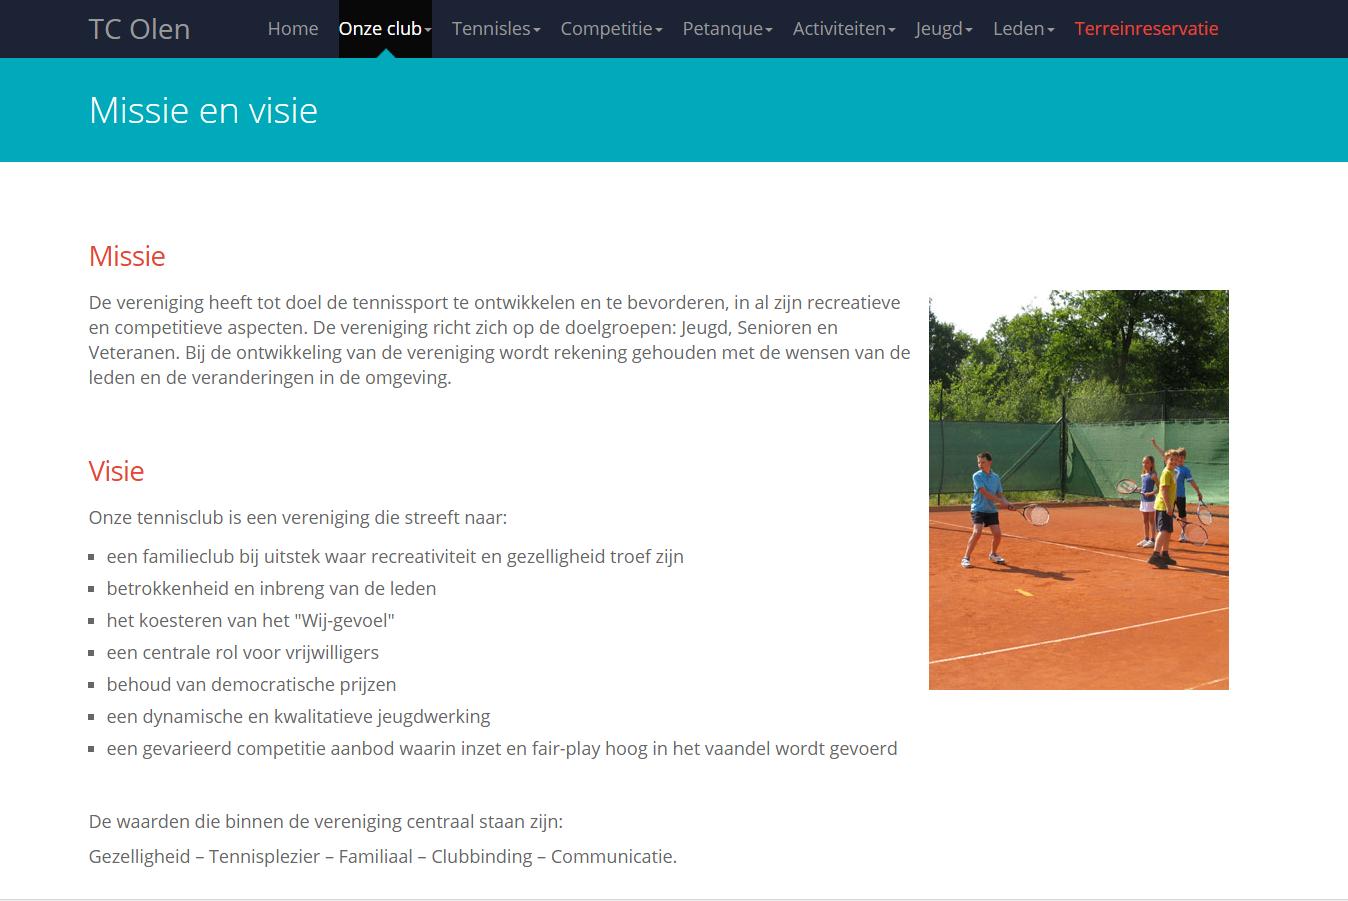 TC Olen website informatie - visie en missie